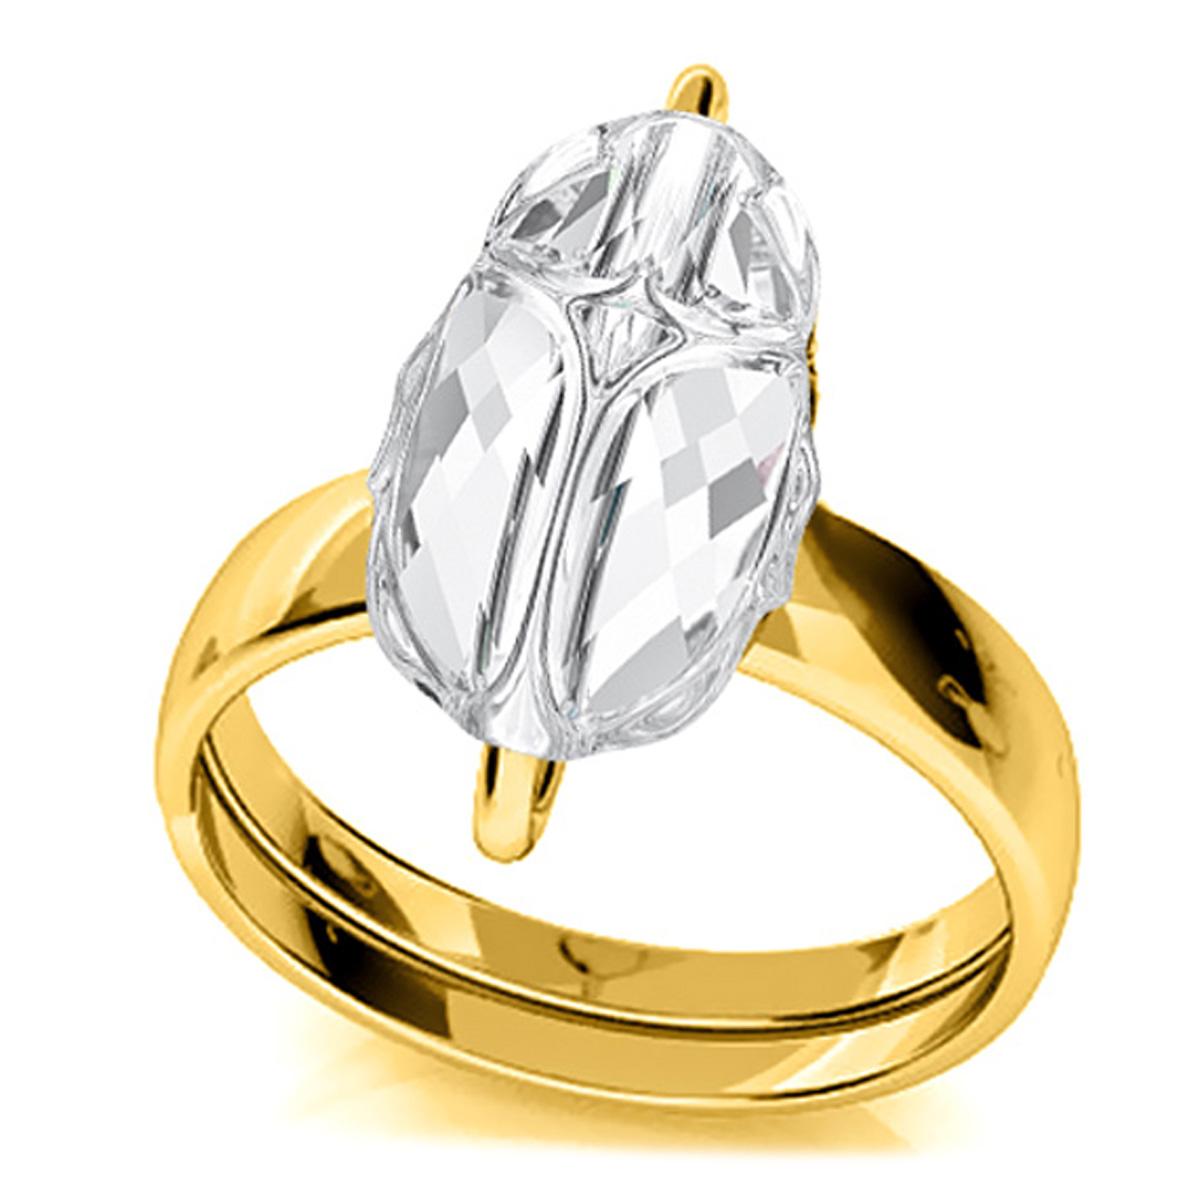 Bague argent artisanale \'Scarabée\' blanc doré - 12x8 mm - [R0933]